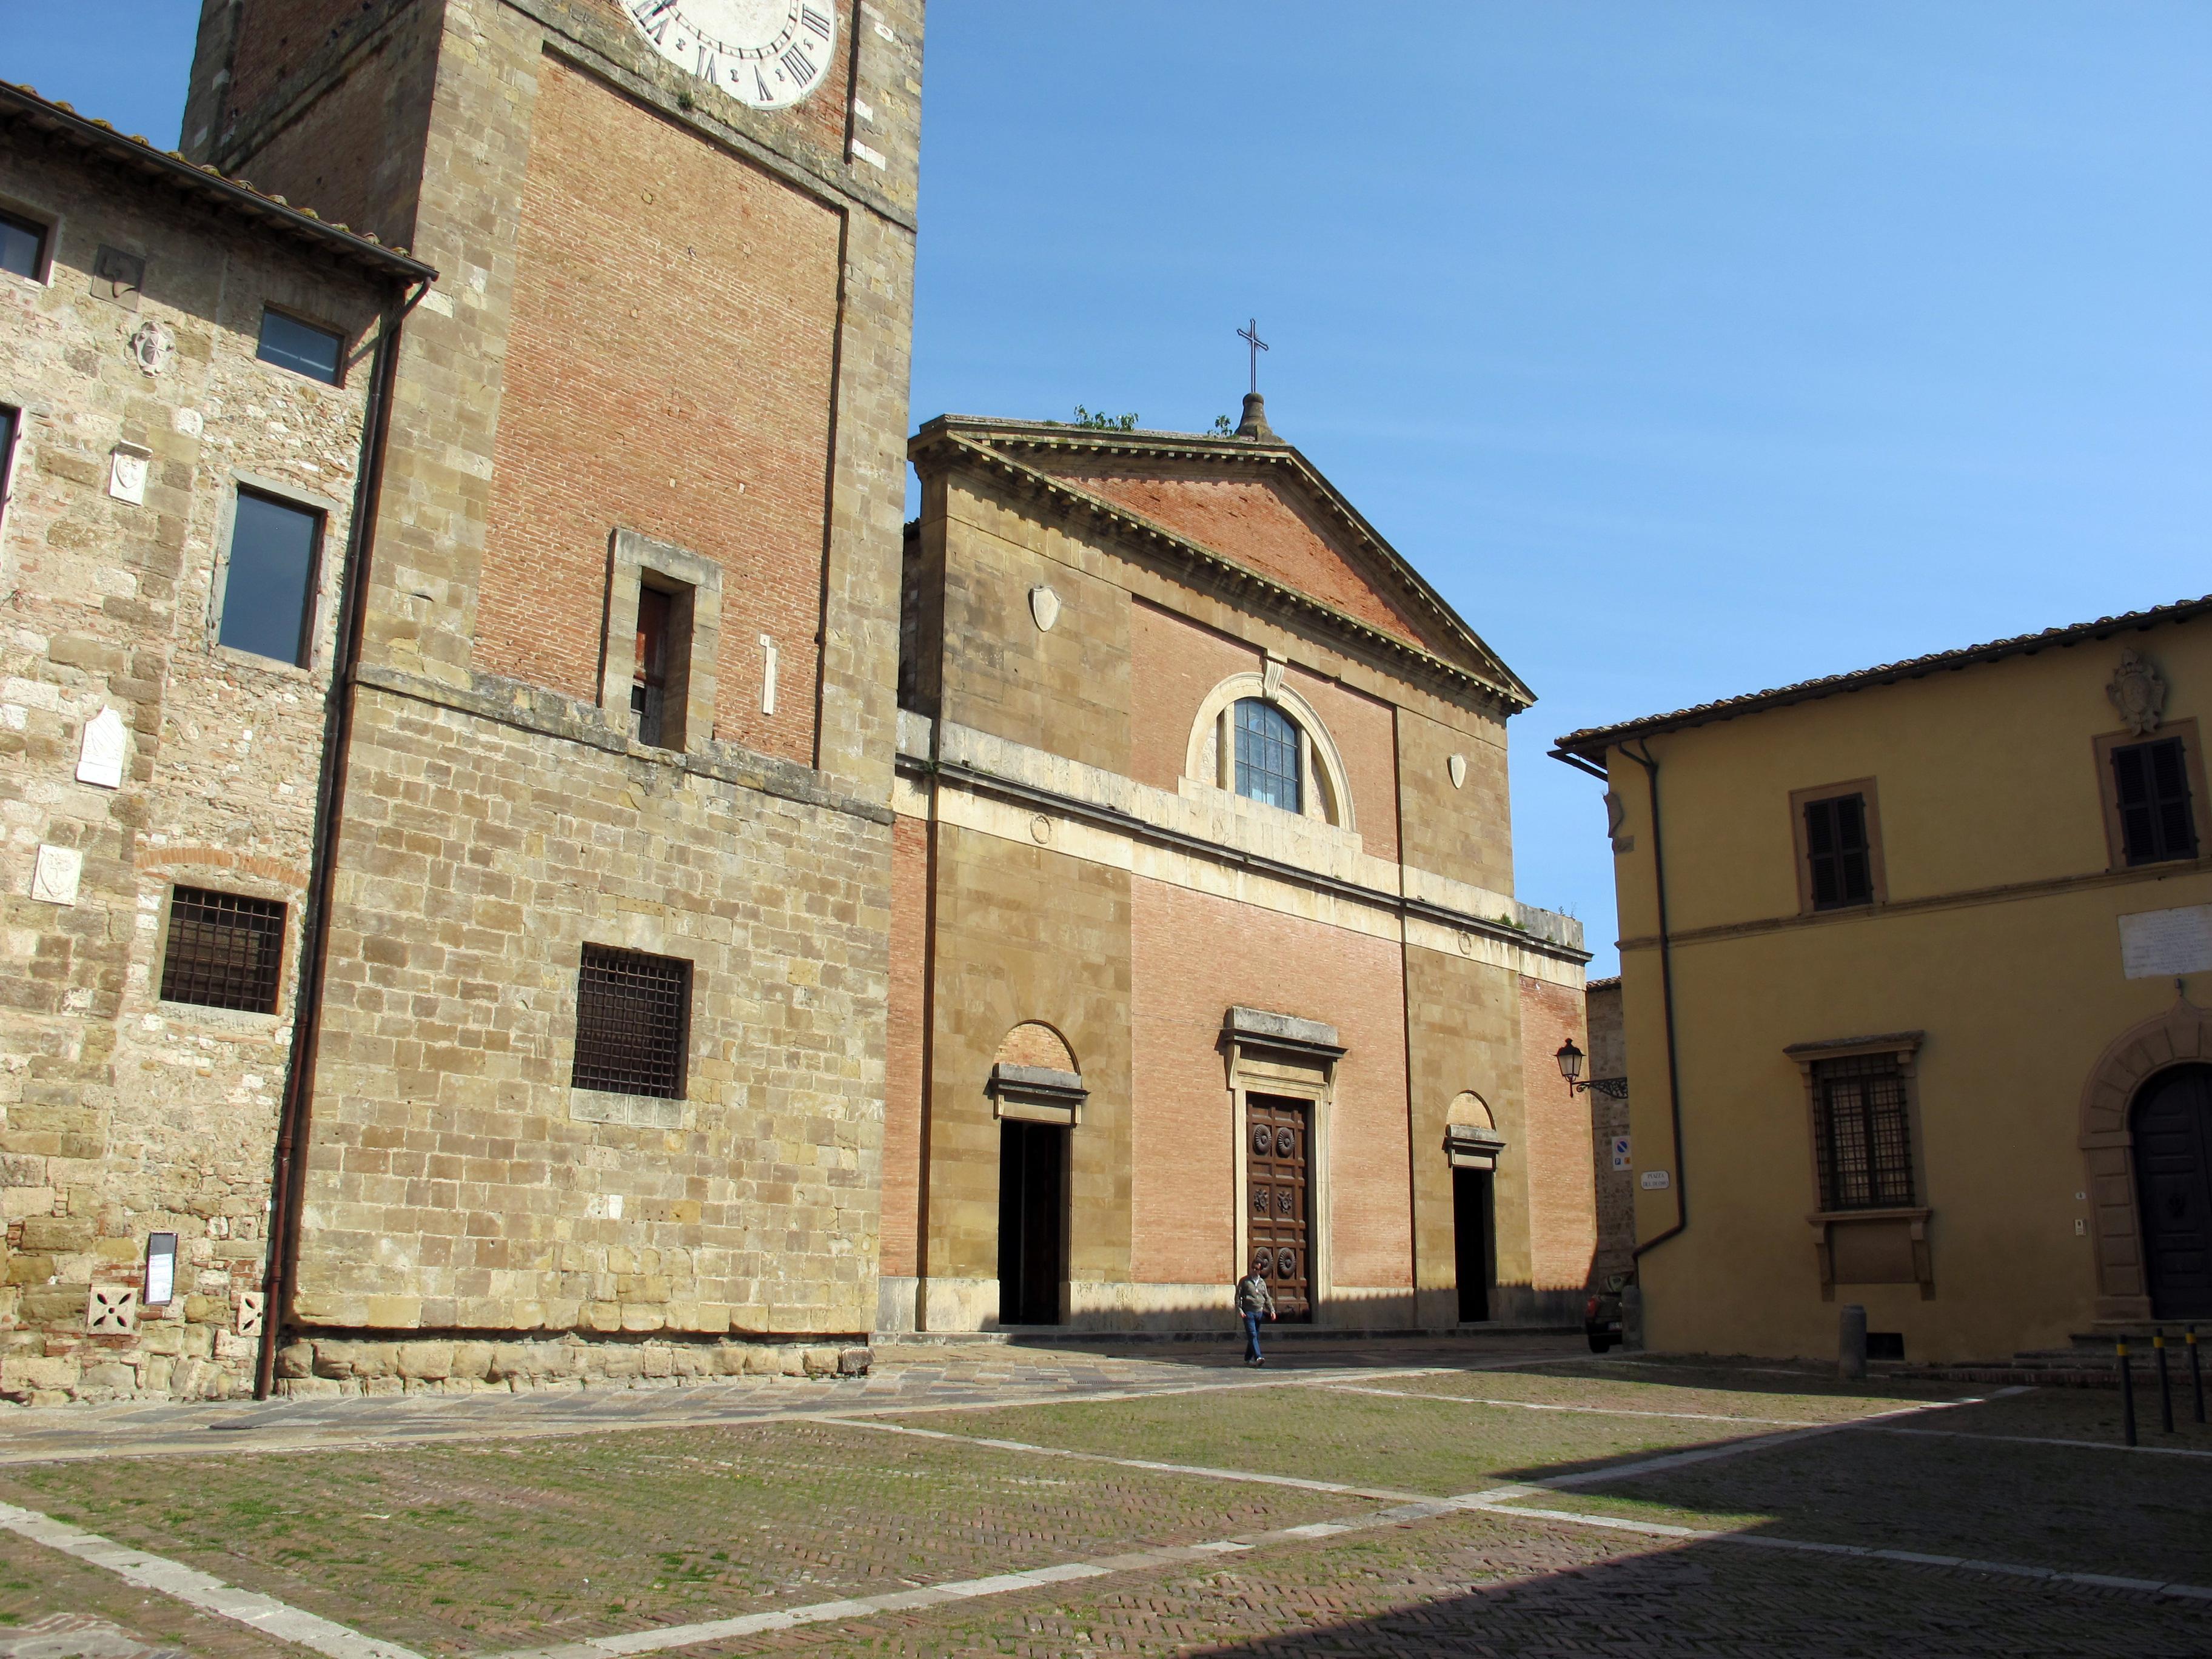 Duomo di colle, ext. 01.JPG